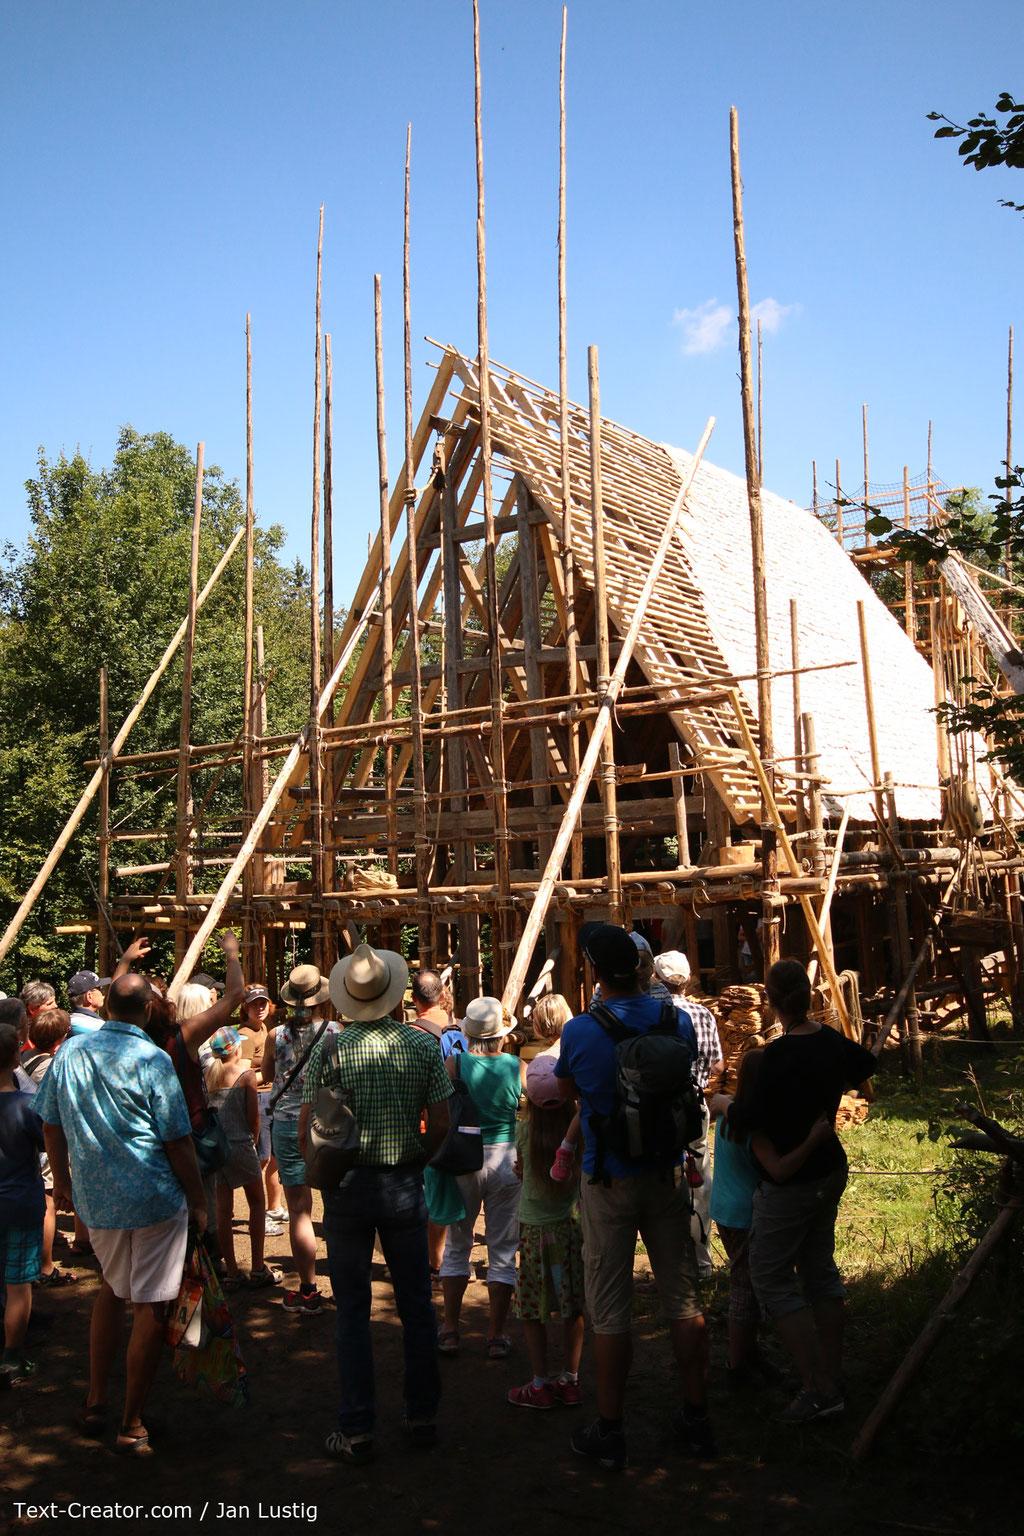 Campus Galli - Holzkirche mit Dachkonstruktion - Text-Creator.com